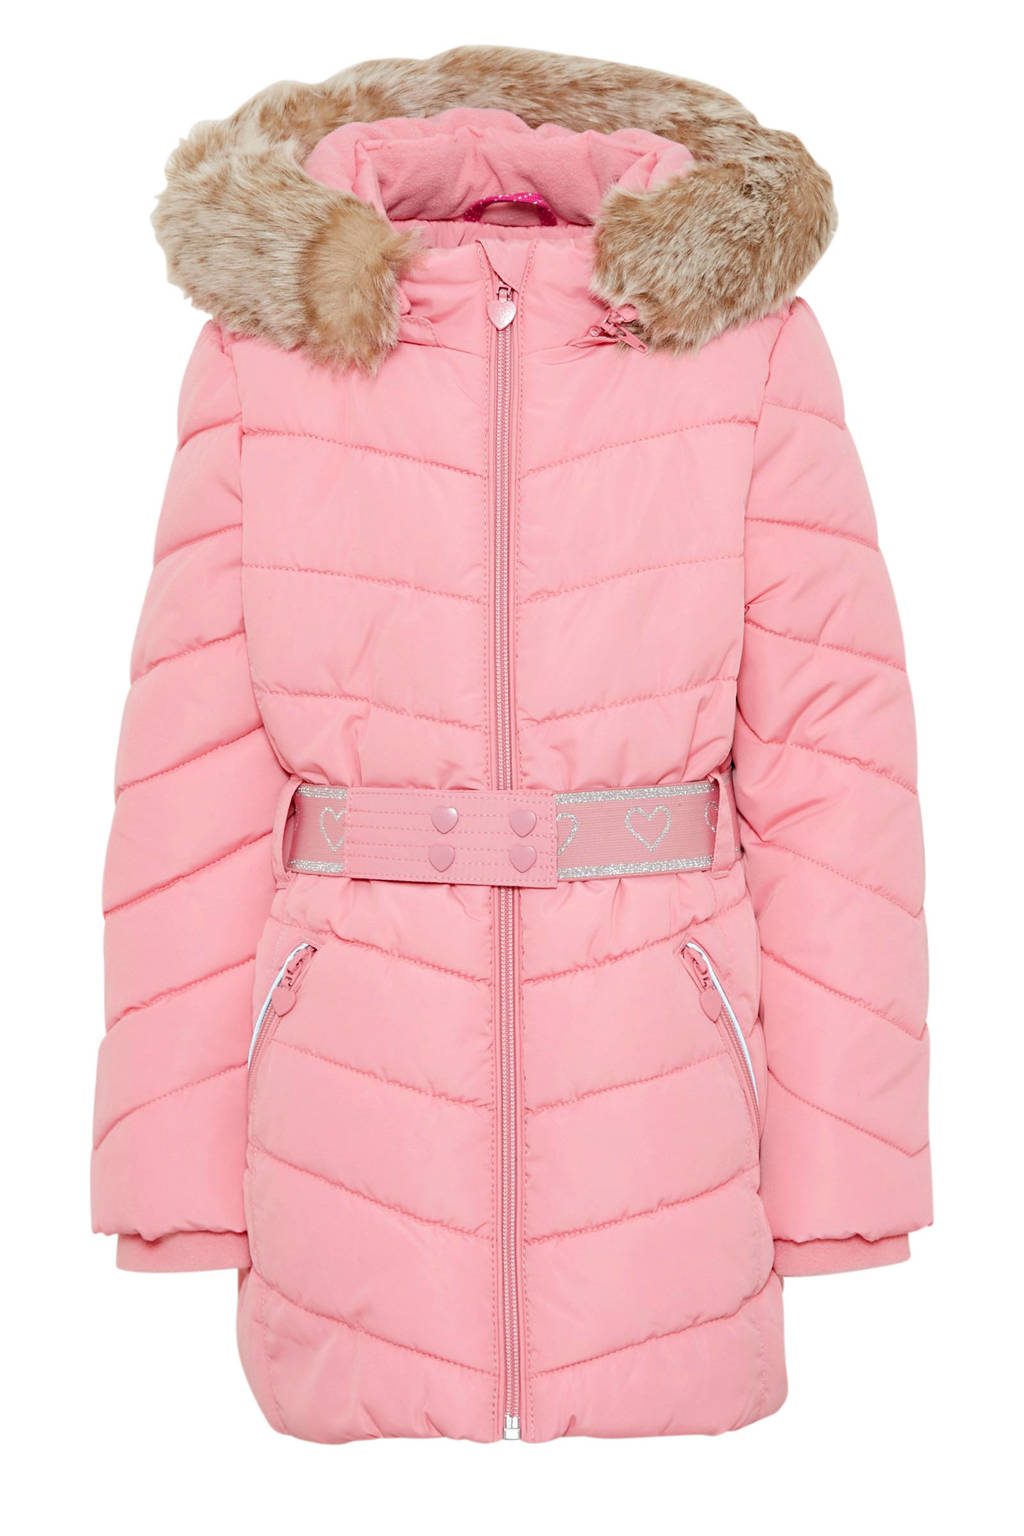 s.Oliver gewatteerde winterjas met ceintuur roze/zilver, Roze/Zilver